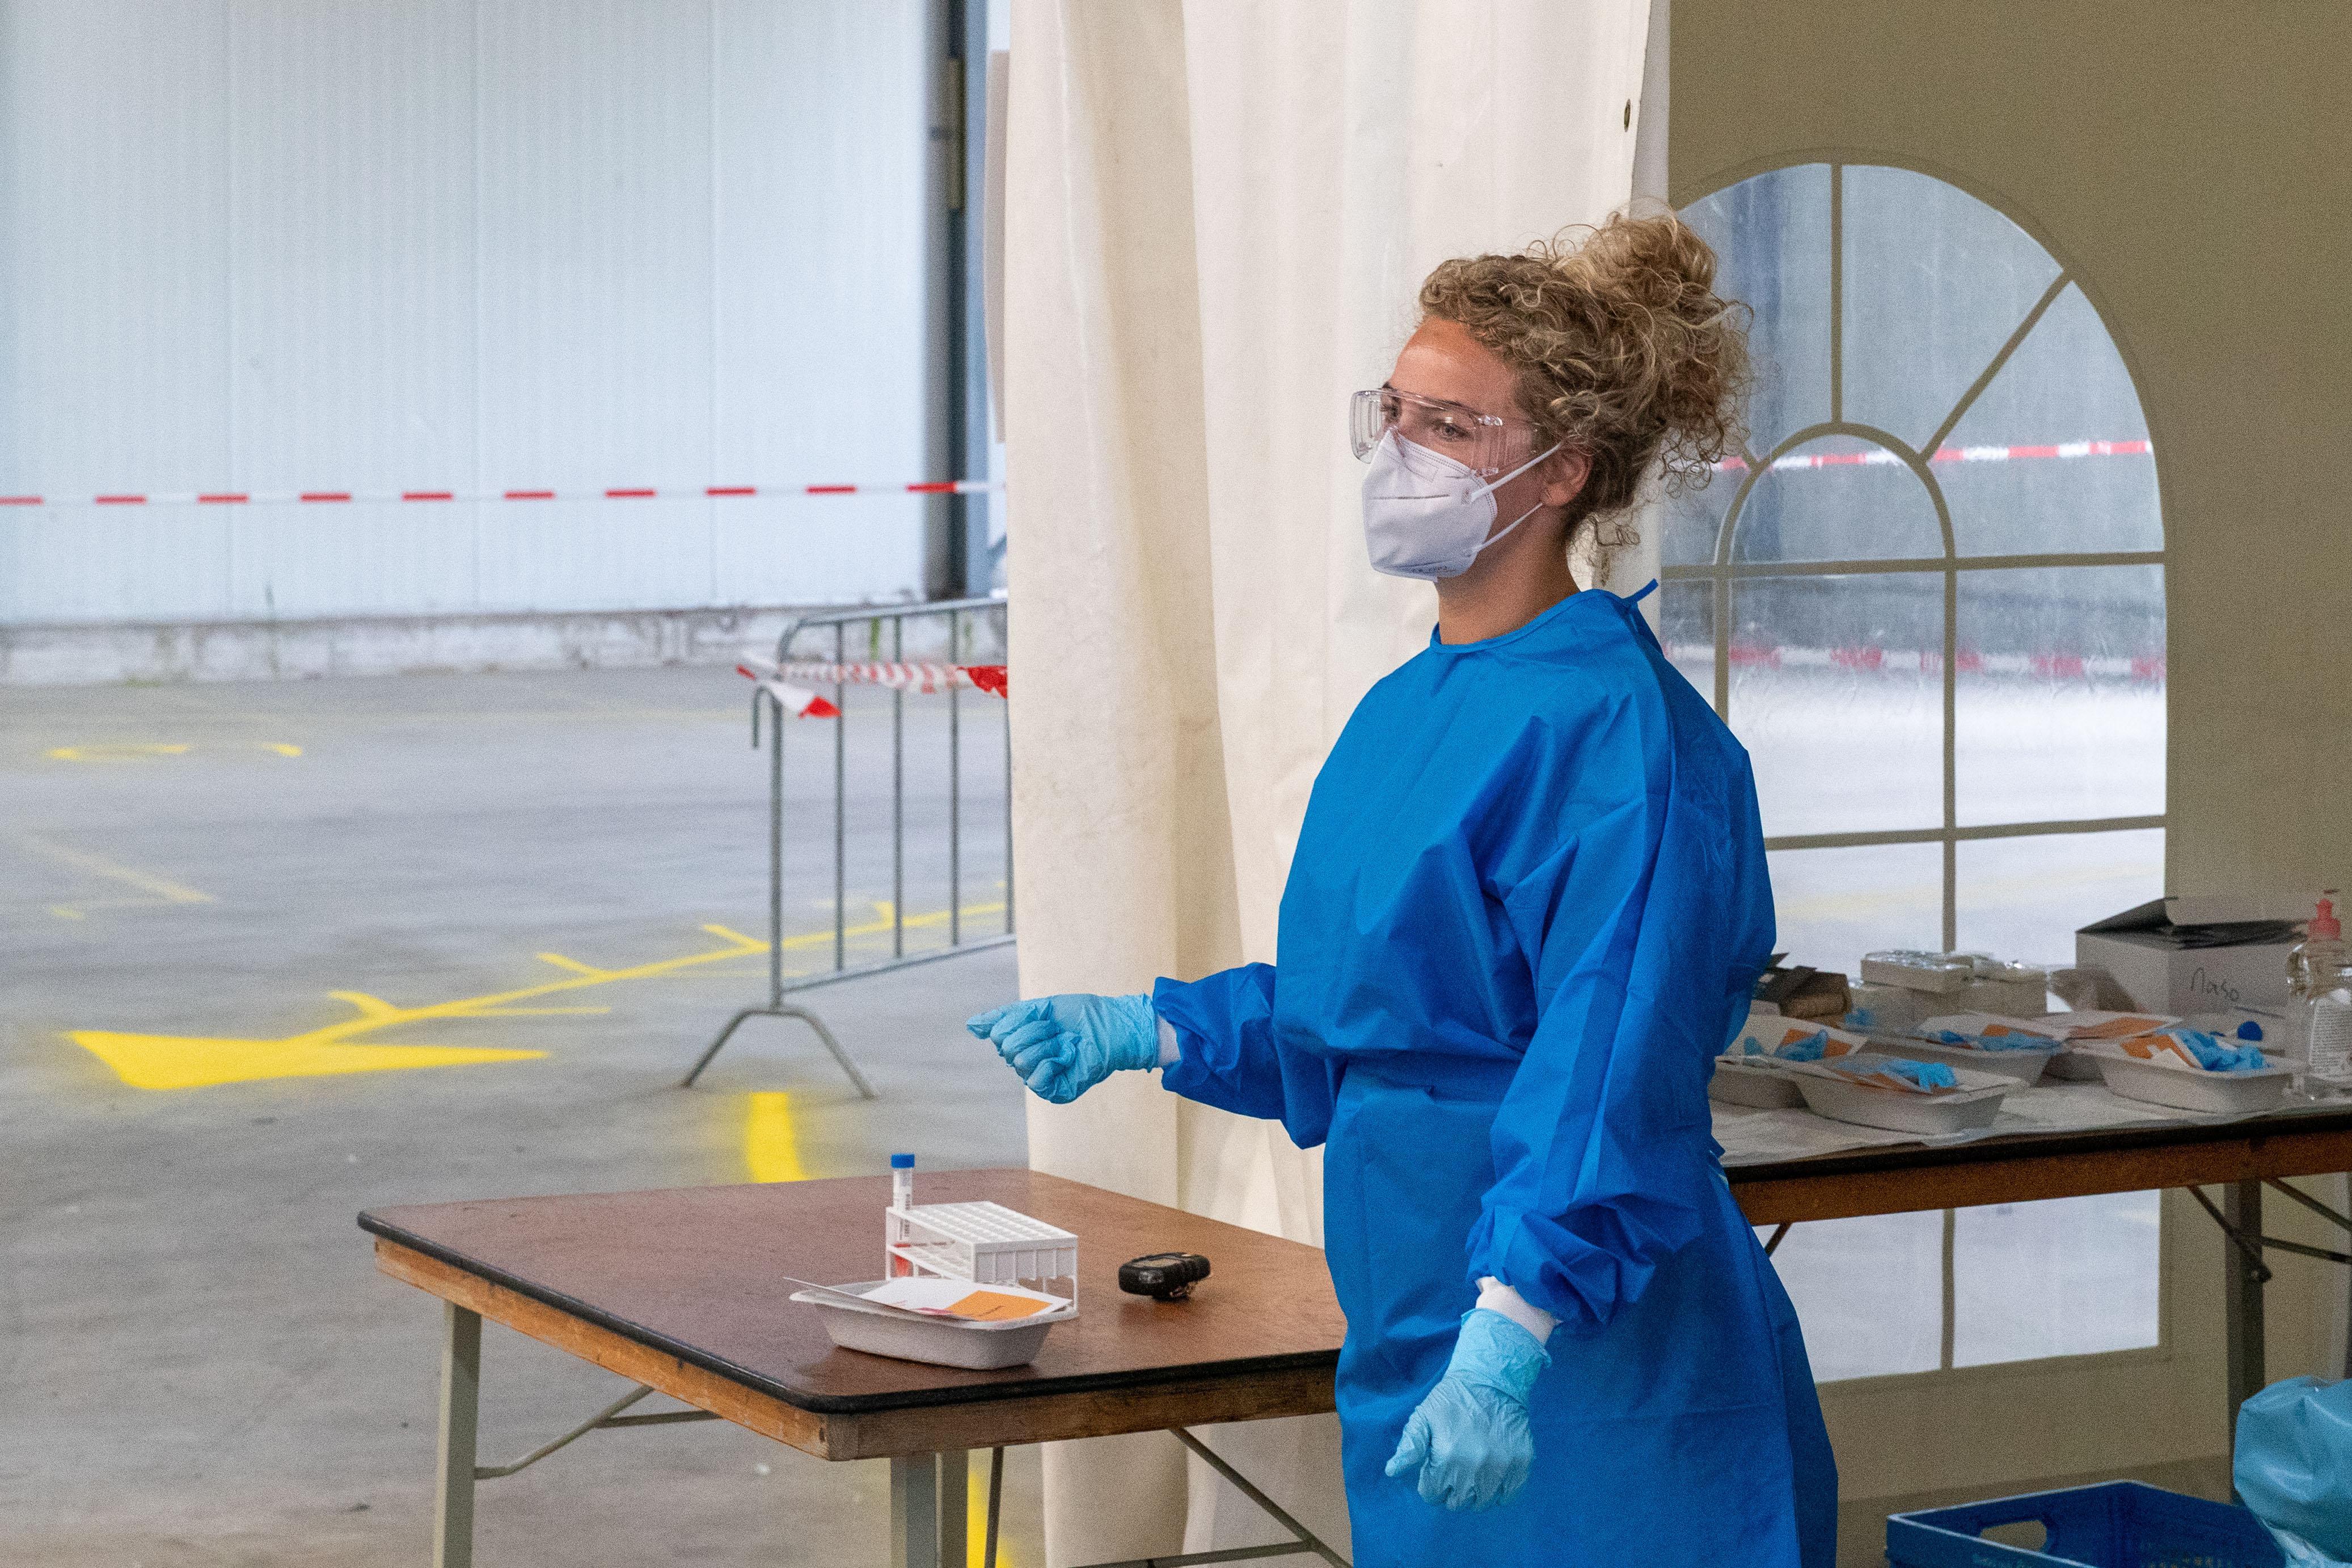 Corona treft ook scholen in West-Friesland: 'We mogen ons in deze regio nog gelukkig prijzen met het aantal besmettingen'